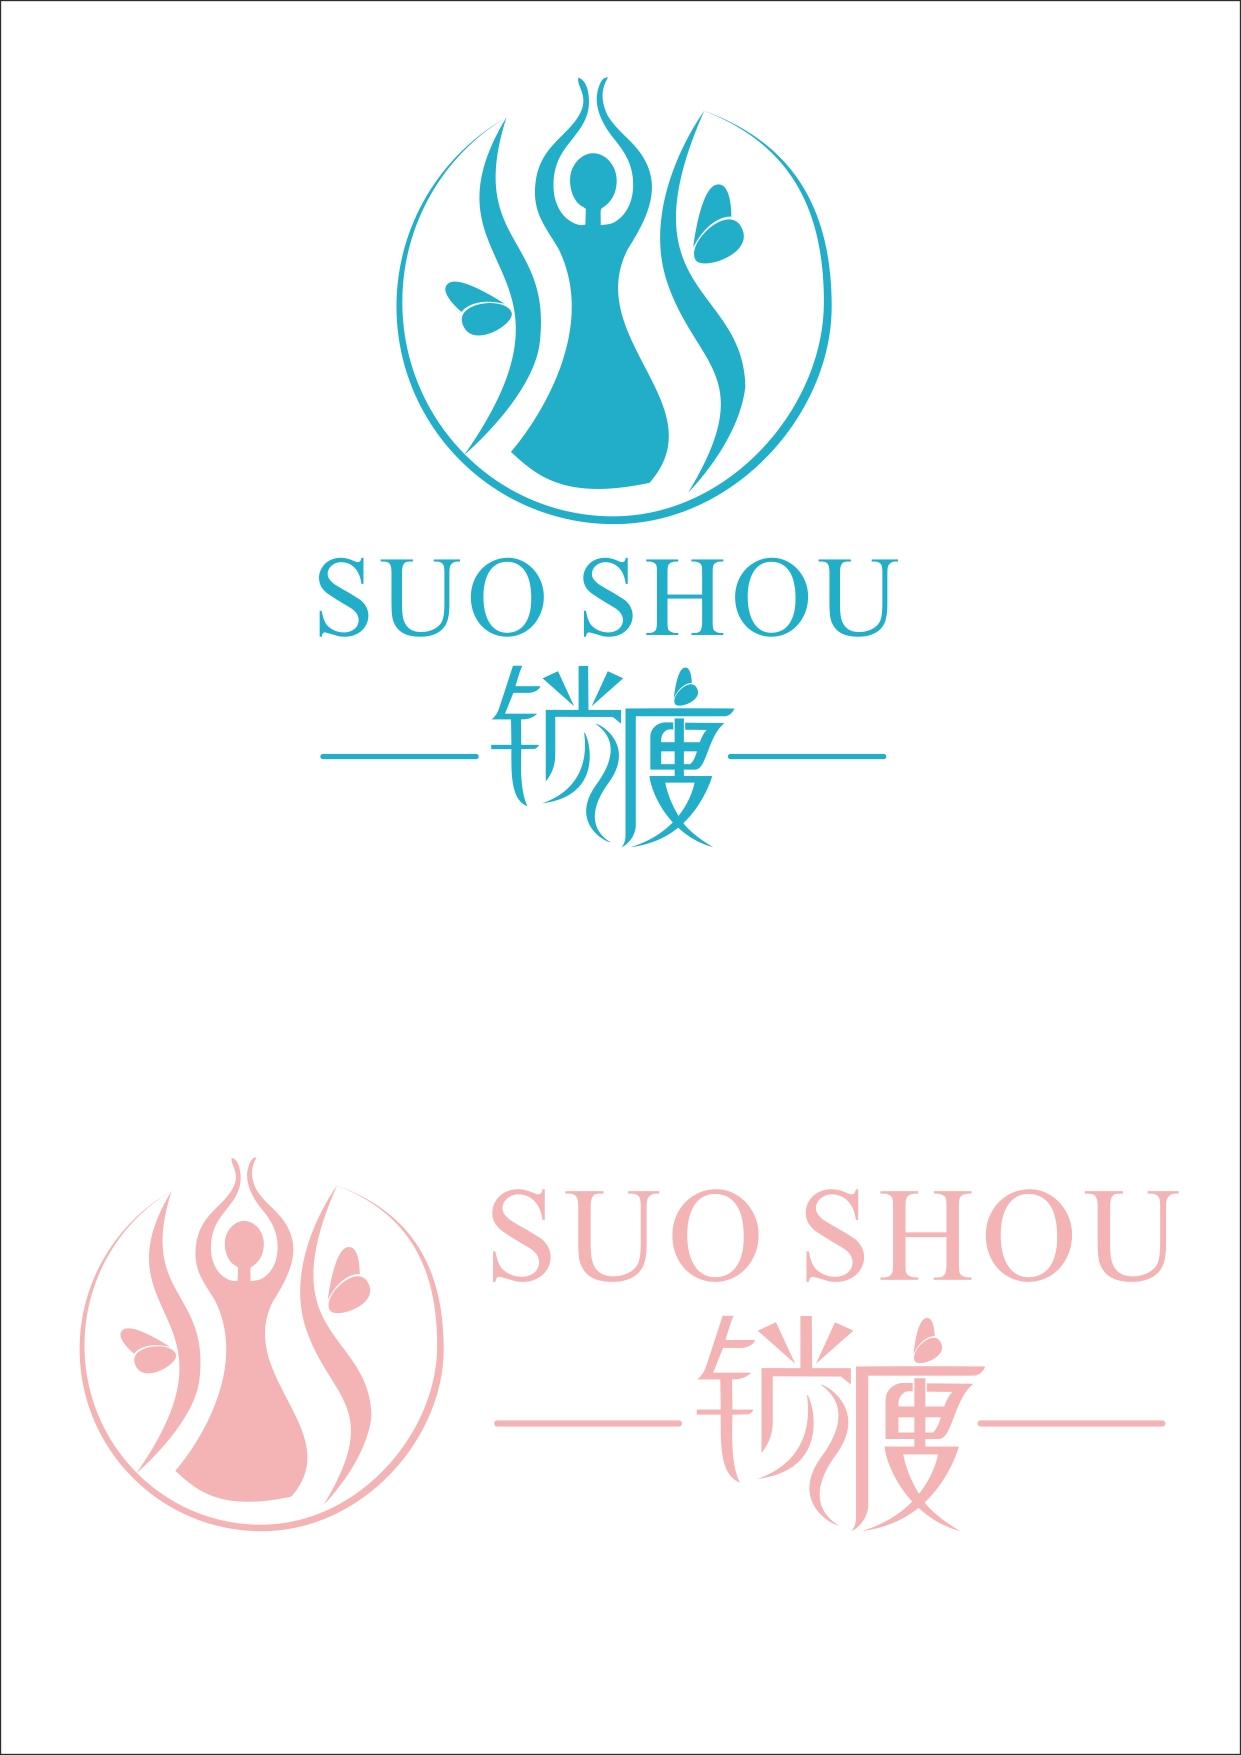 产品logo设计(内容有更新7.14)_3034148_k68威客网